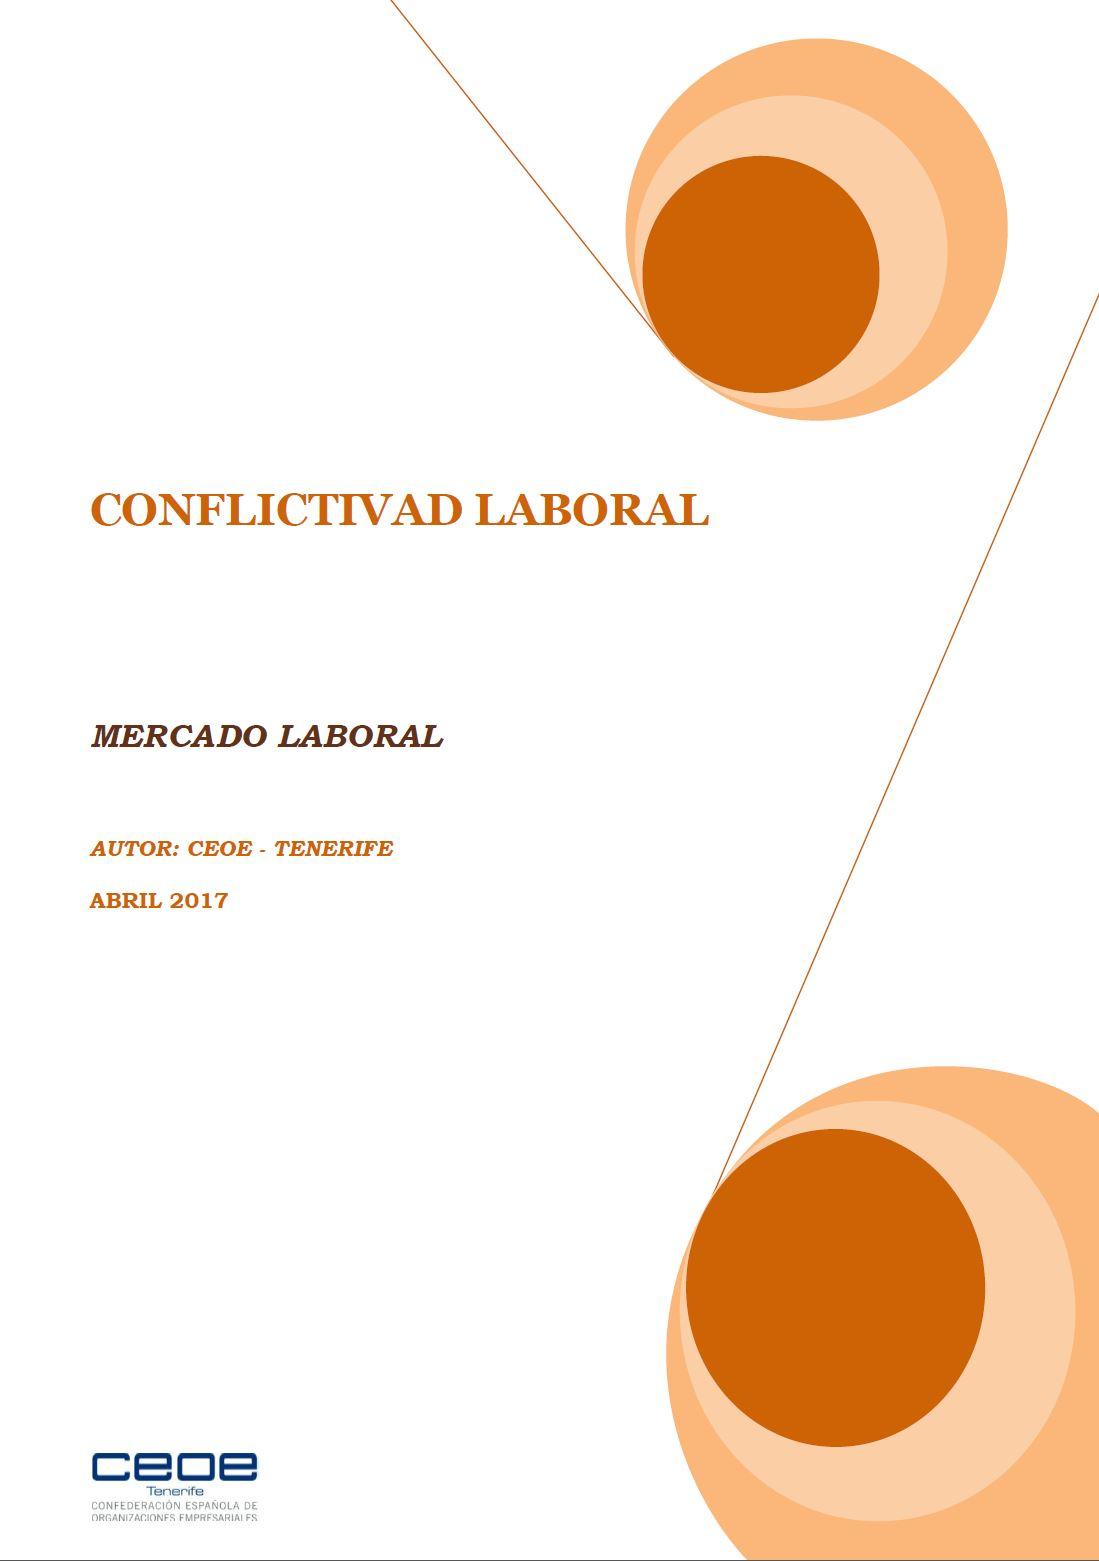 Abril Conflictividad Laboral